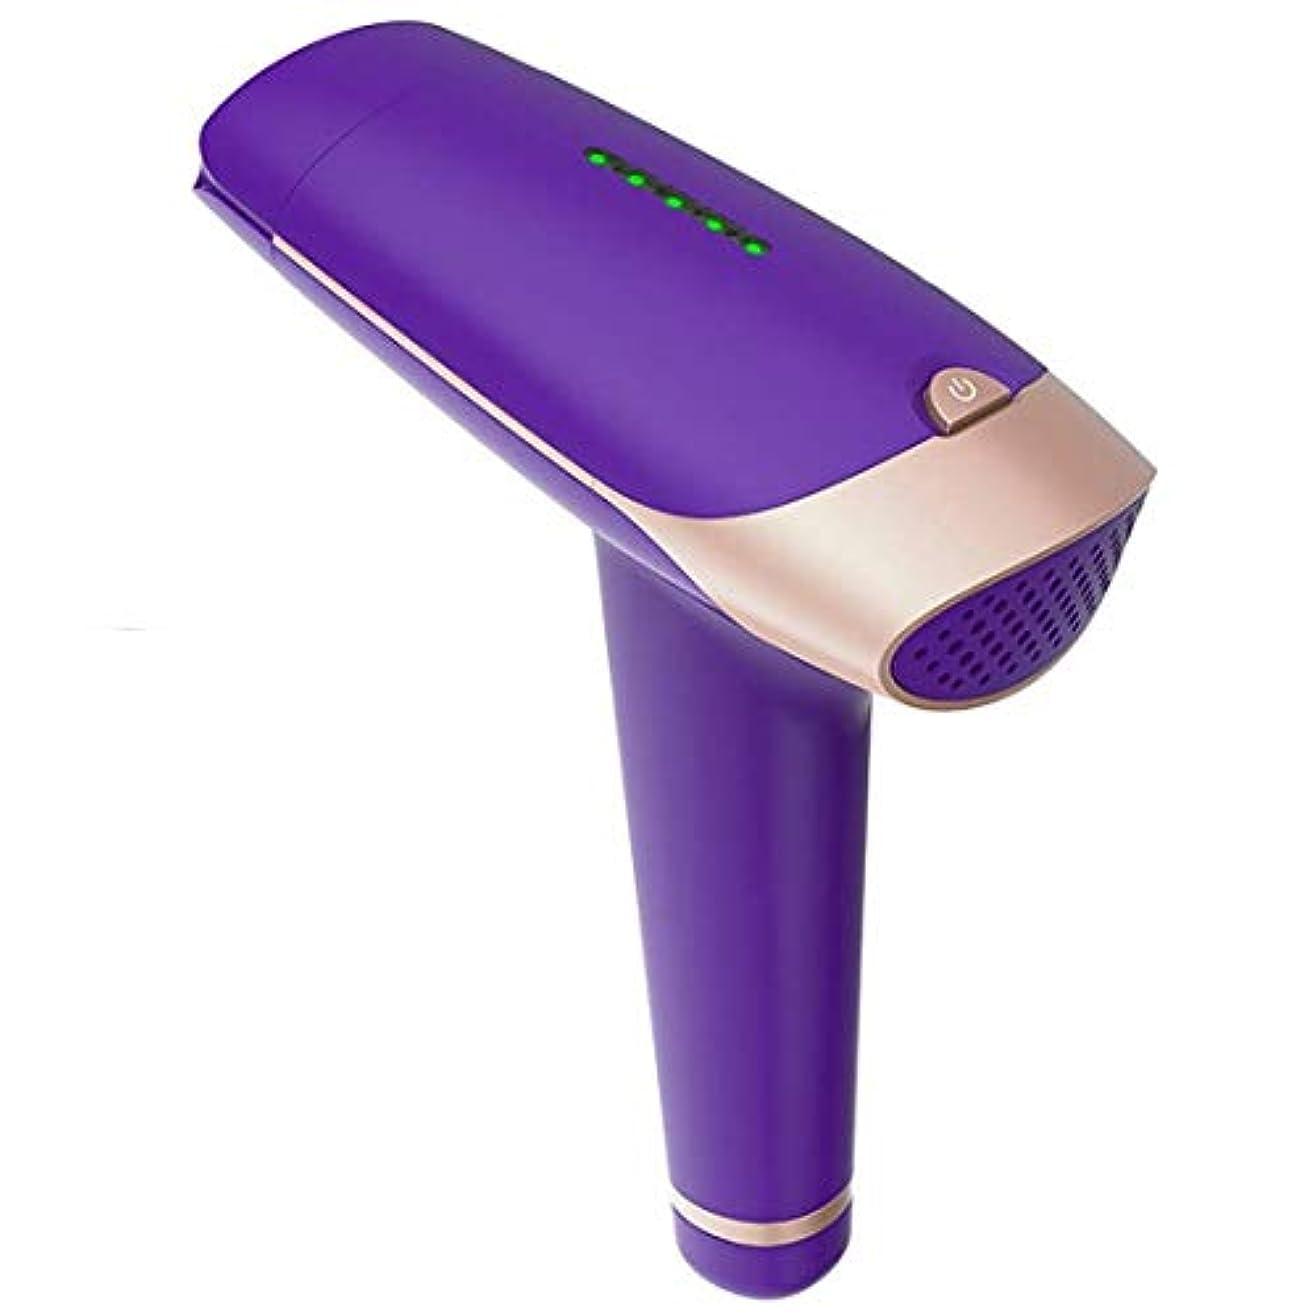 他に注ぎますわがままTrliy- 紫色のlpl脱毛システム、プロフェッショナルライト痛みのないレーザー脱毛器永久的な脱毛装置用男女ボディフェイスビキニ